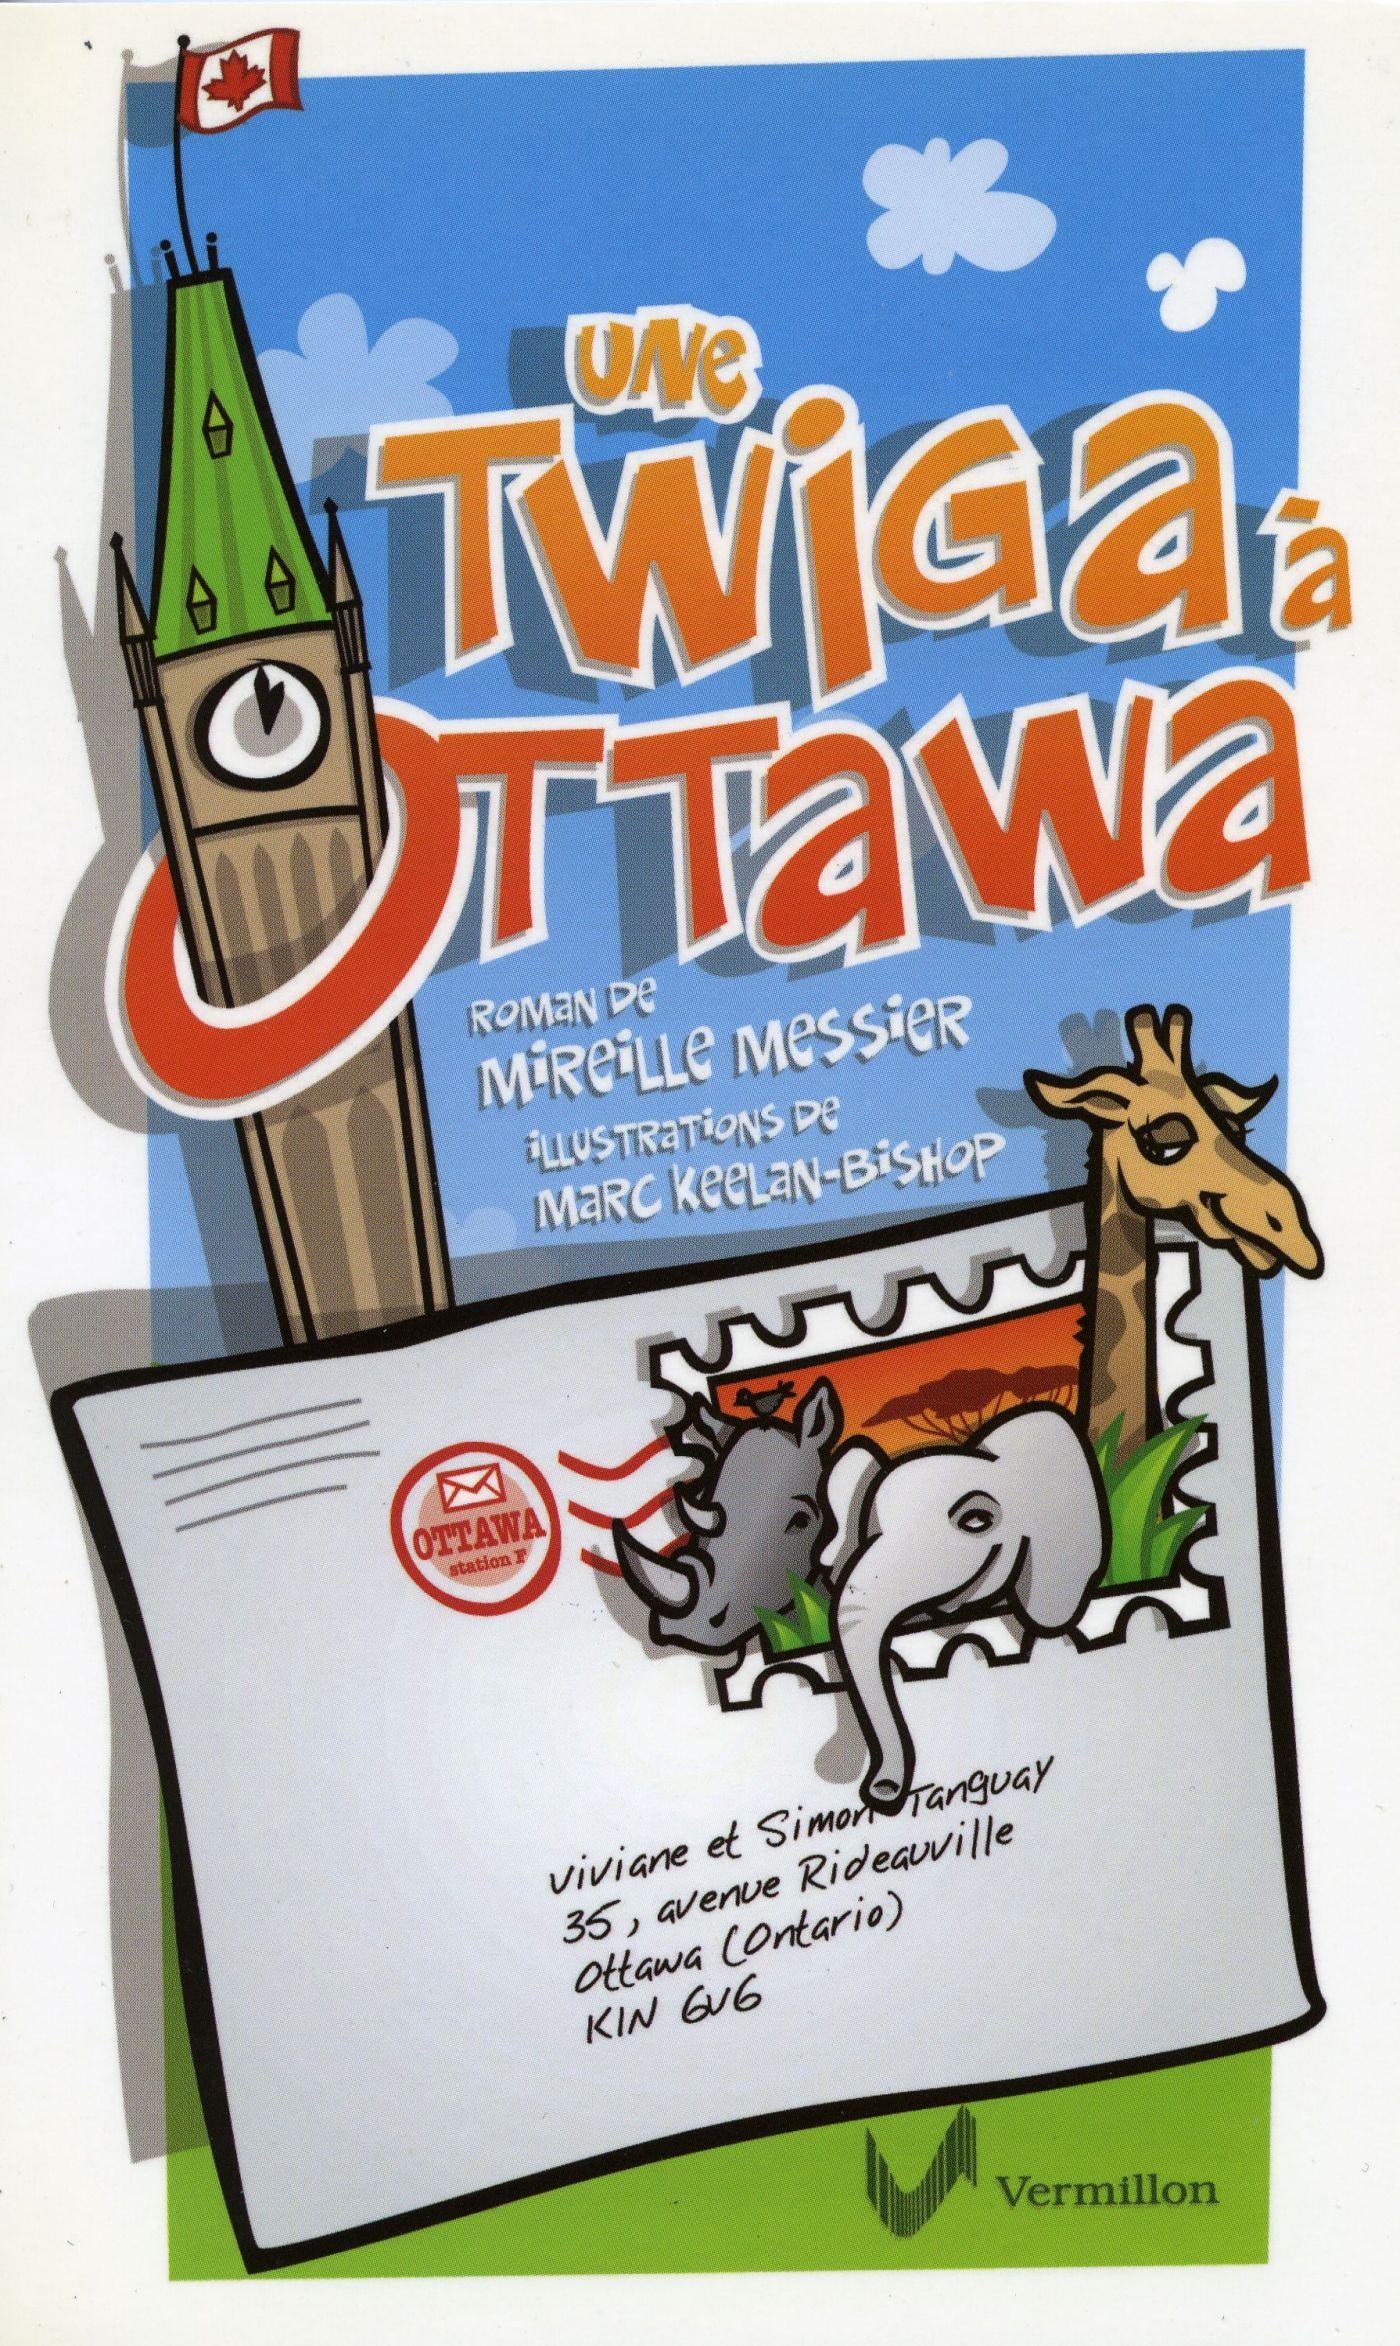 Page couverture d'un document imprimé, en français. Illustration en couleur d'une enveloppe adressée à Ottawa, portant un timbre d'où ressortent un rhinocéros, un éléphant et une girafe. En arrière-plan, la tour du Parlement sous un ciel bleu. Le « O » du titre encercle la tour.